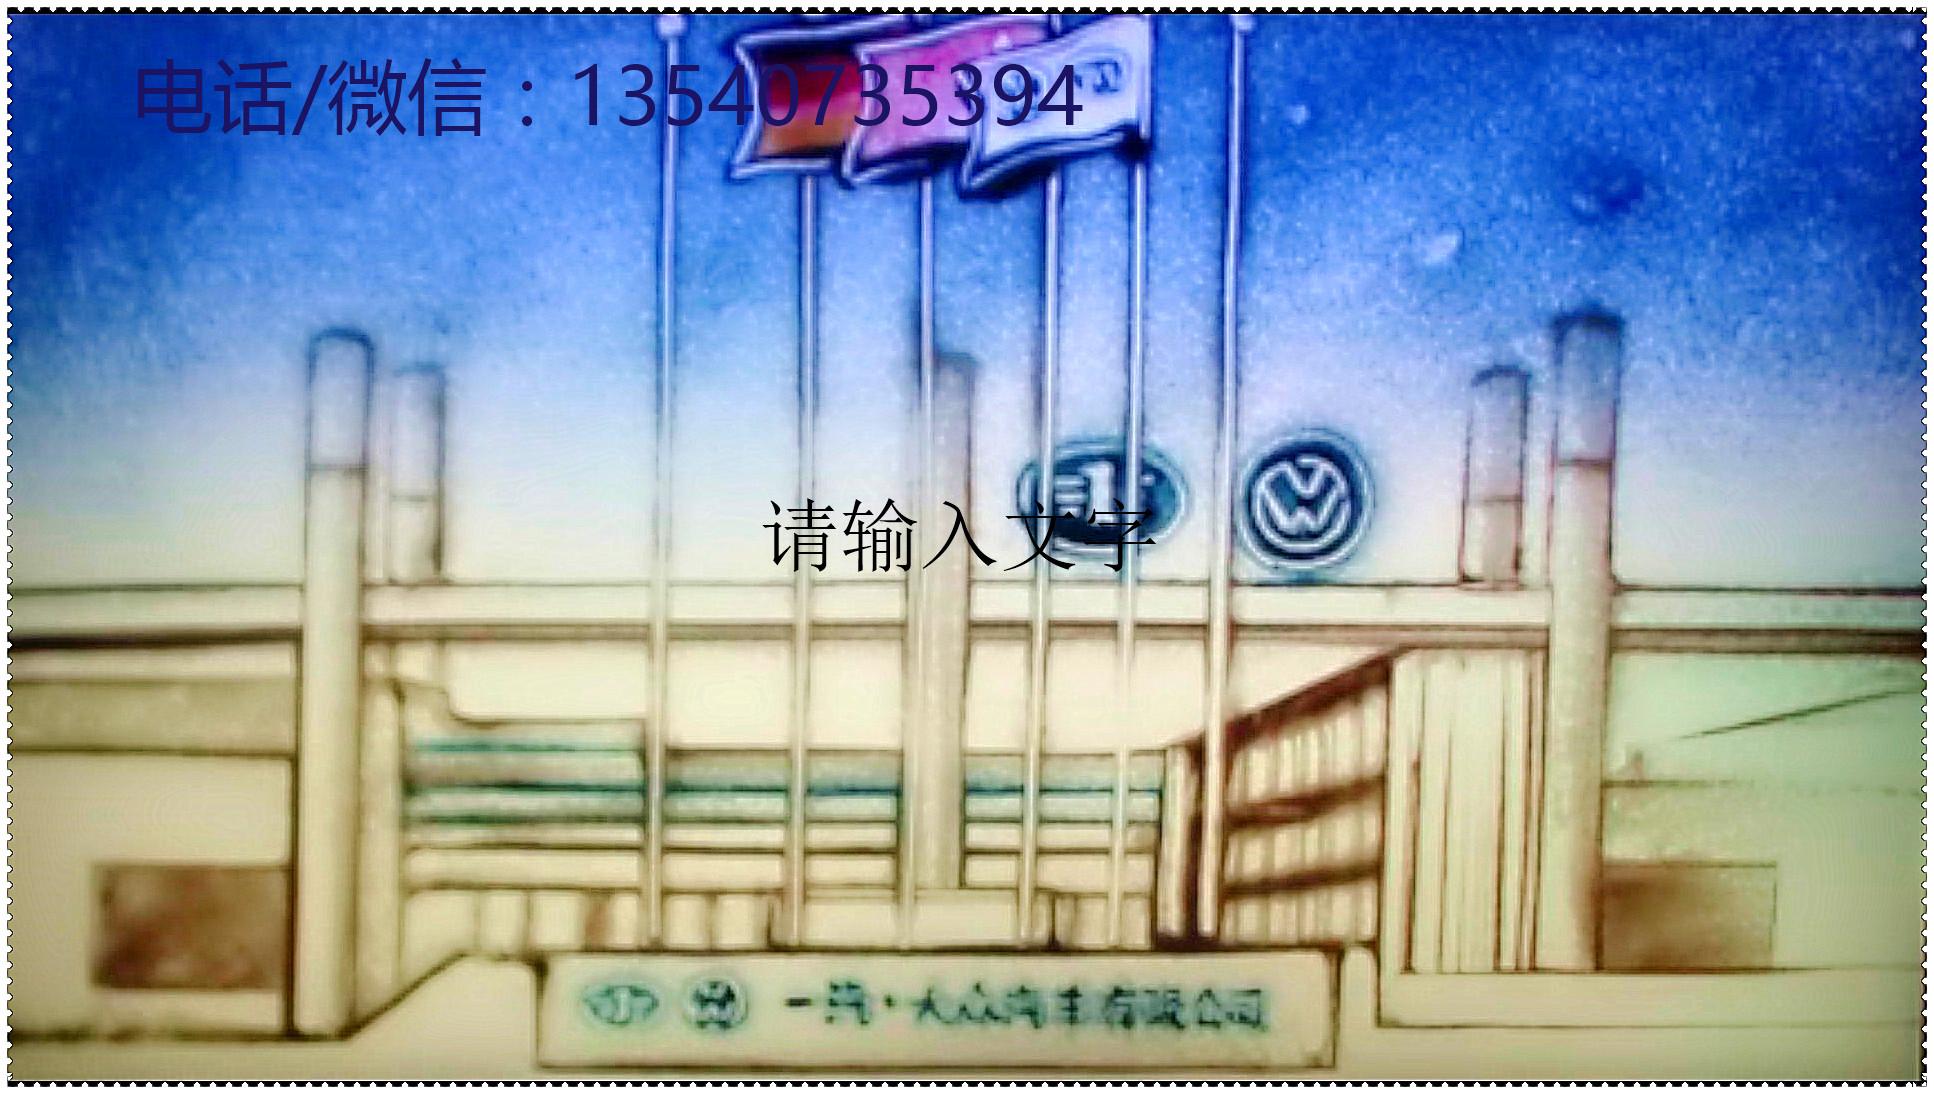 四川成都企业沙画表演公司报价热线一场多少费用-哪里有企业沙画表演那家专业